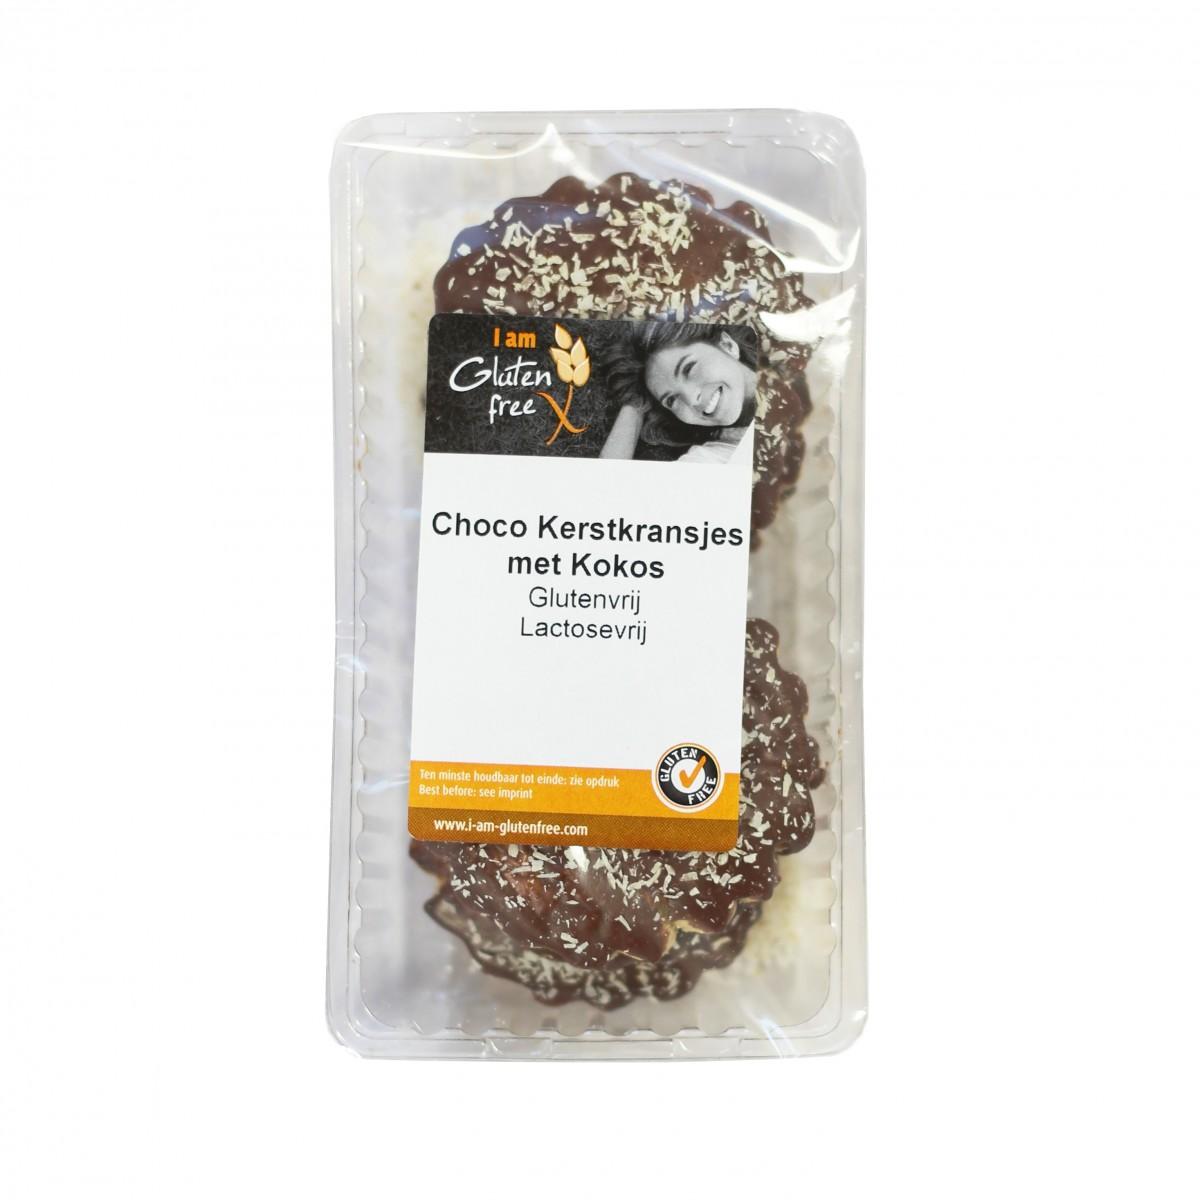 Choco Kerstkransjes Met Kokos Lactosevrij